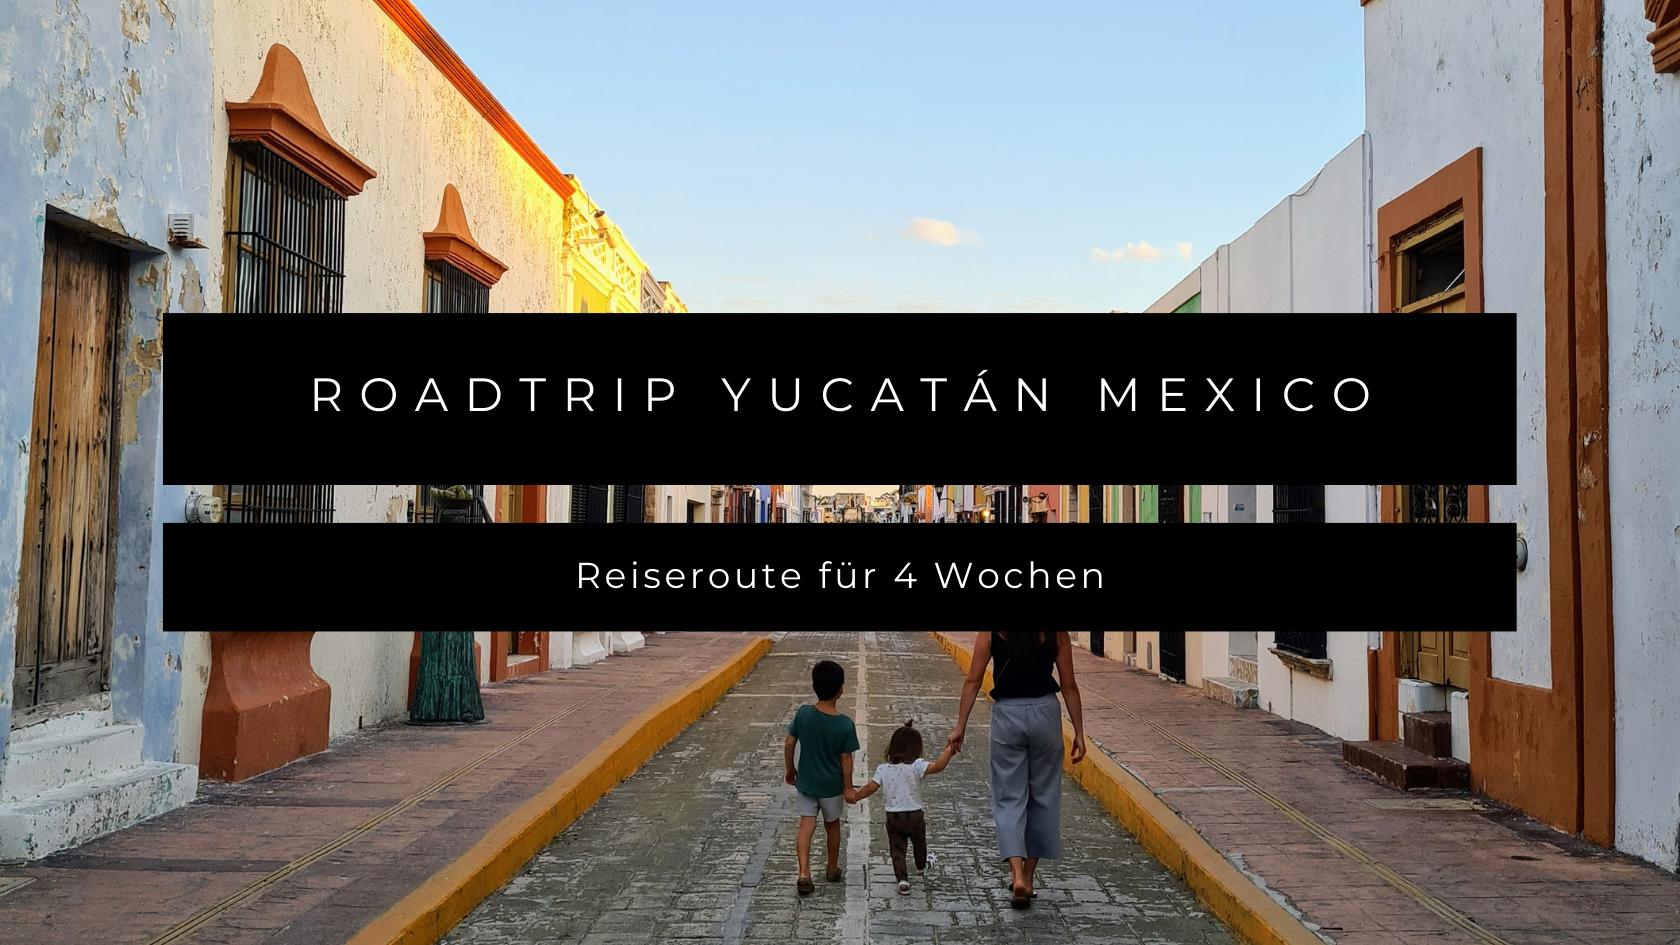 Roadtrip Yucatán in Mexico mit Kleinkind und Kind: Reiseroute für 4 Wochen